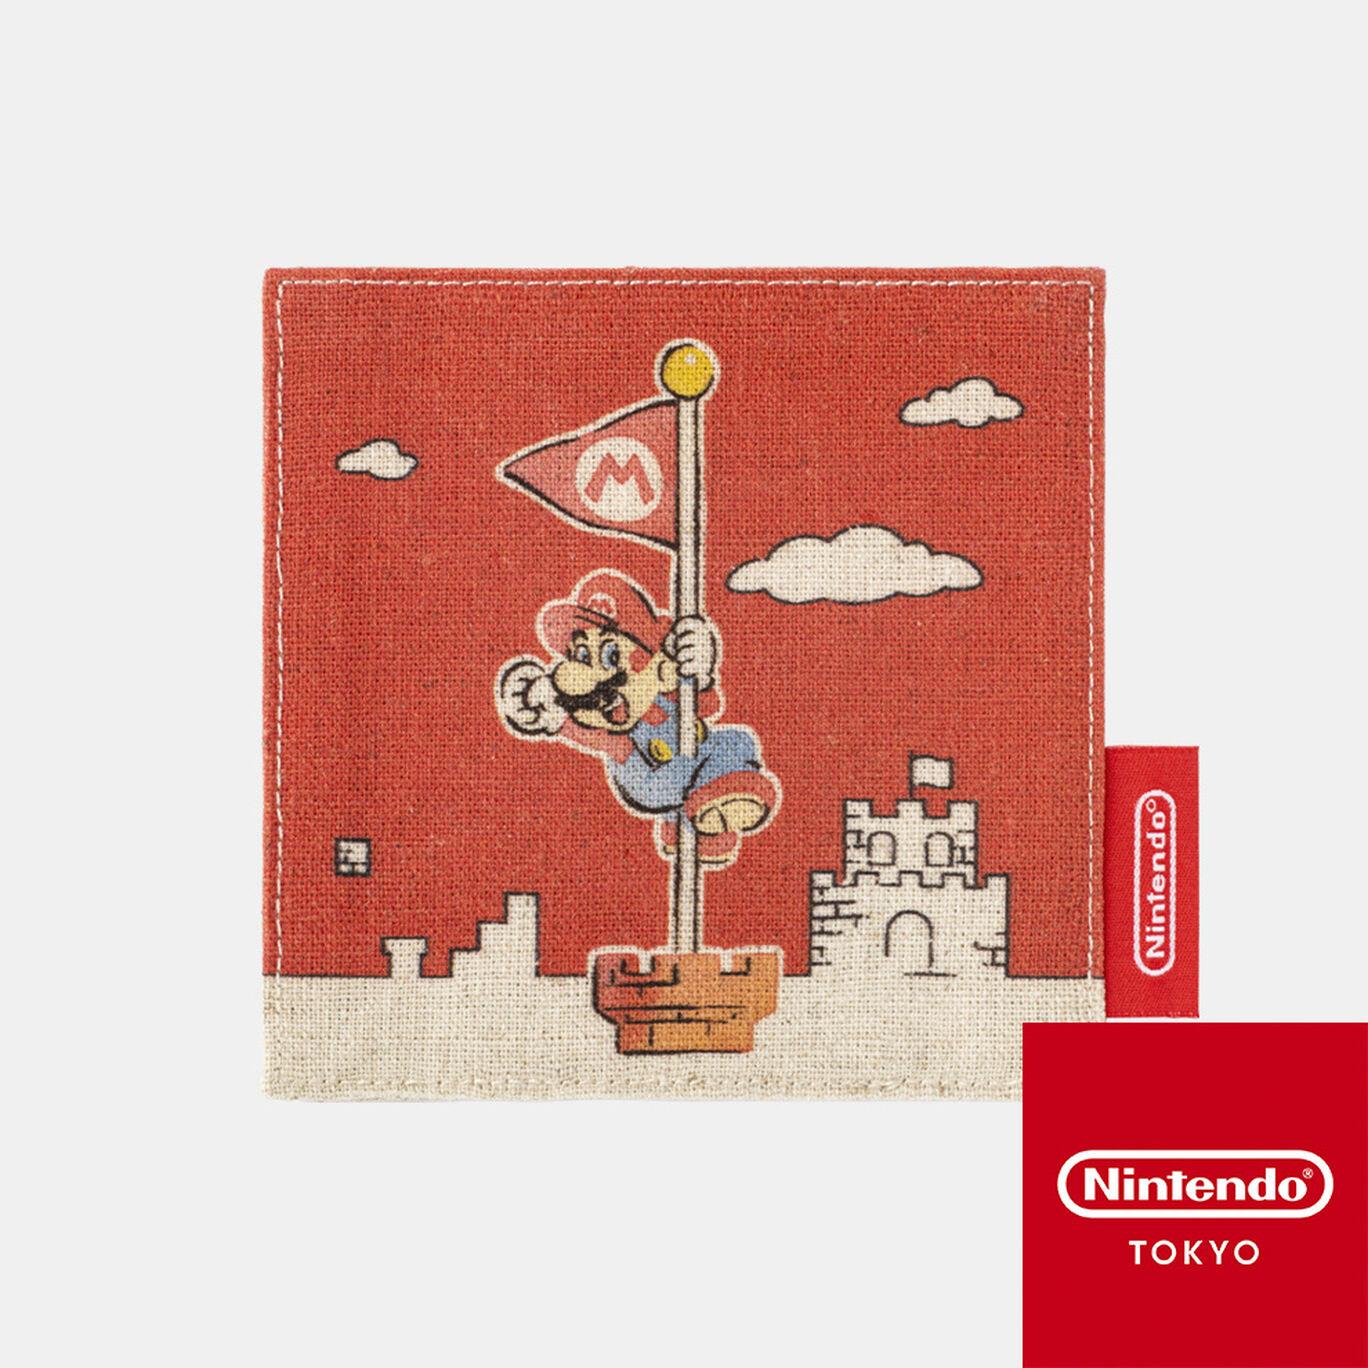 コースター スーパーマリオファミリーライフ マリオ【Nintendo TOKYO取り扱い商品】